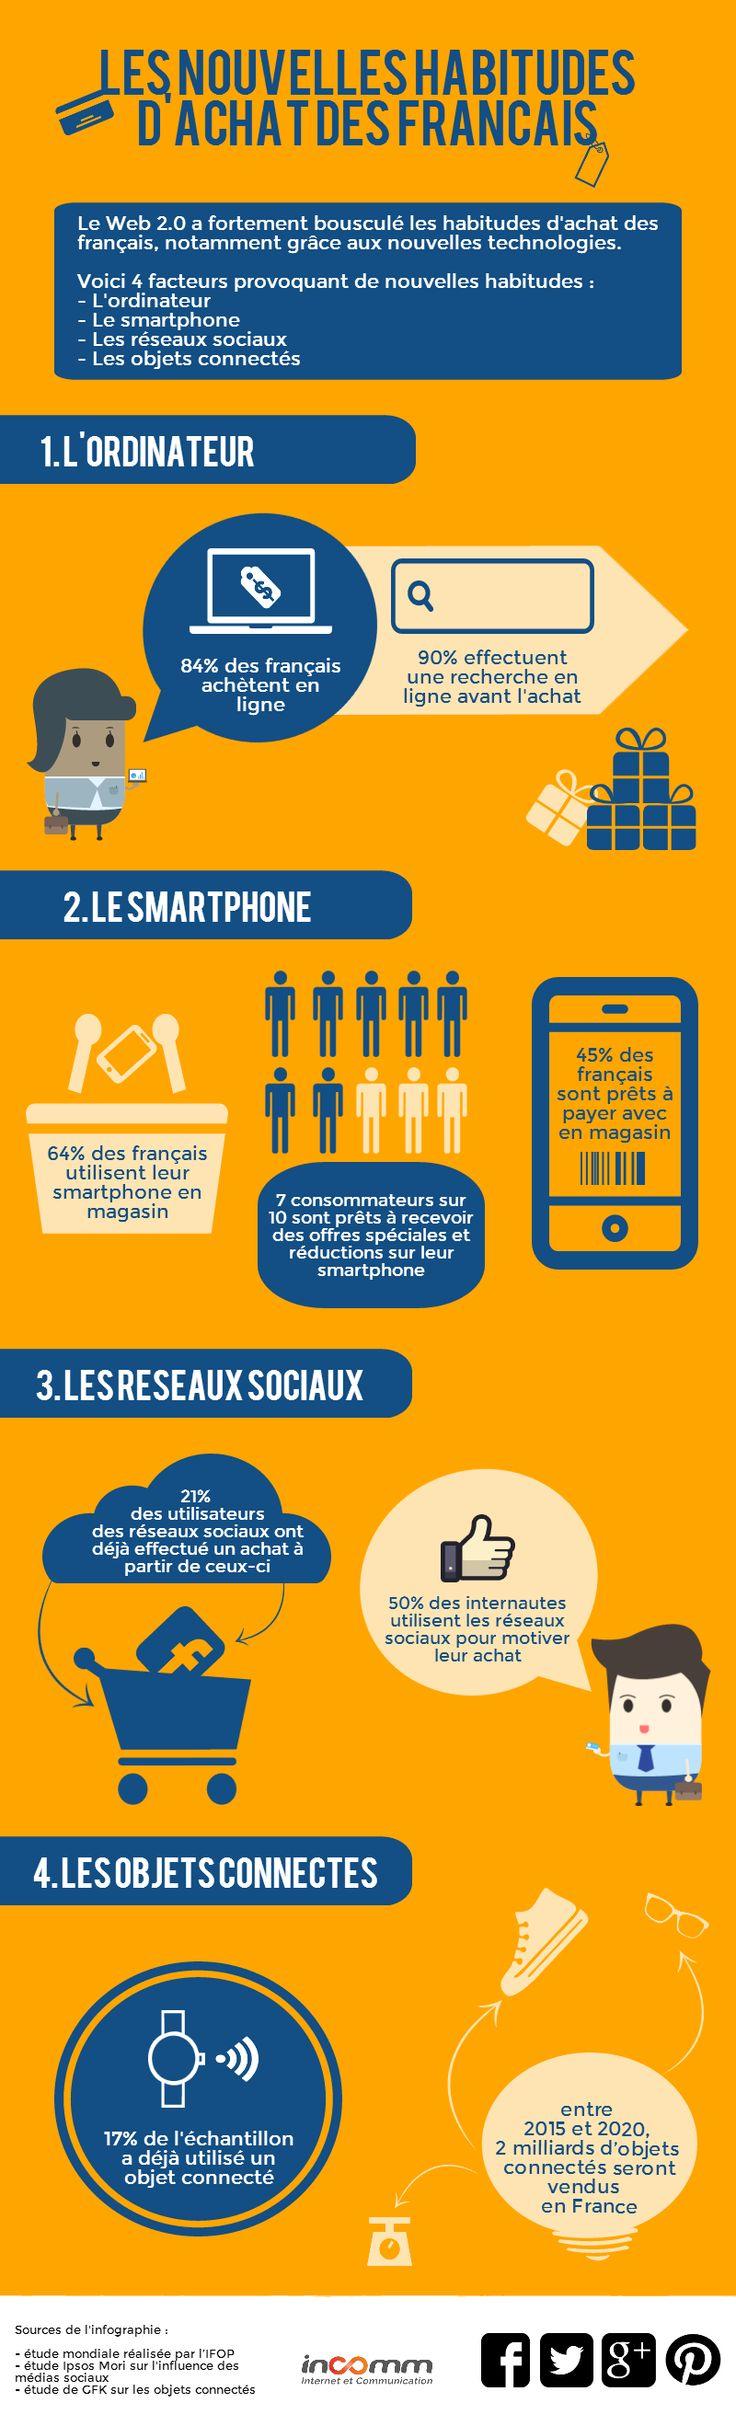 Une #infographie réalisée grâce à #piktochart et présentant les nouvelles habitudes de consommation des français.